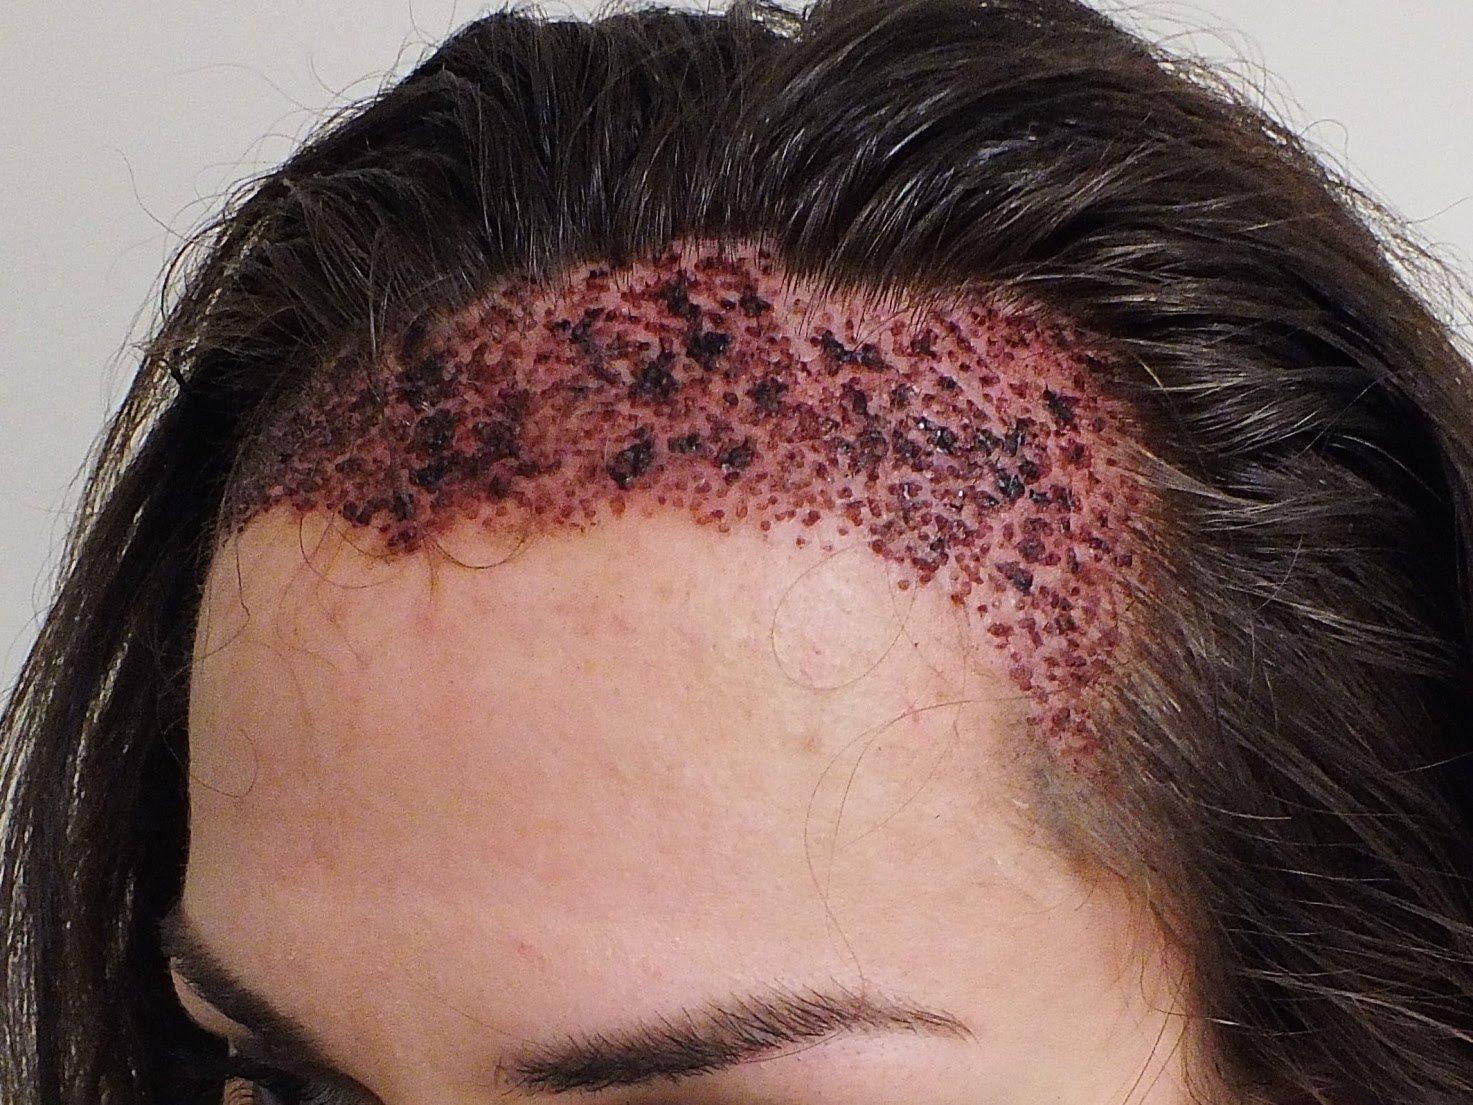 Kadınlarda saç ekimi sonrası görüntü